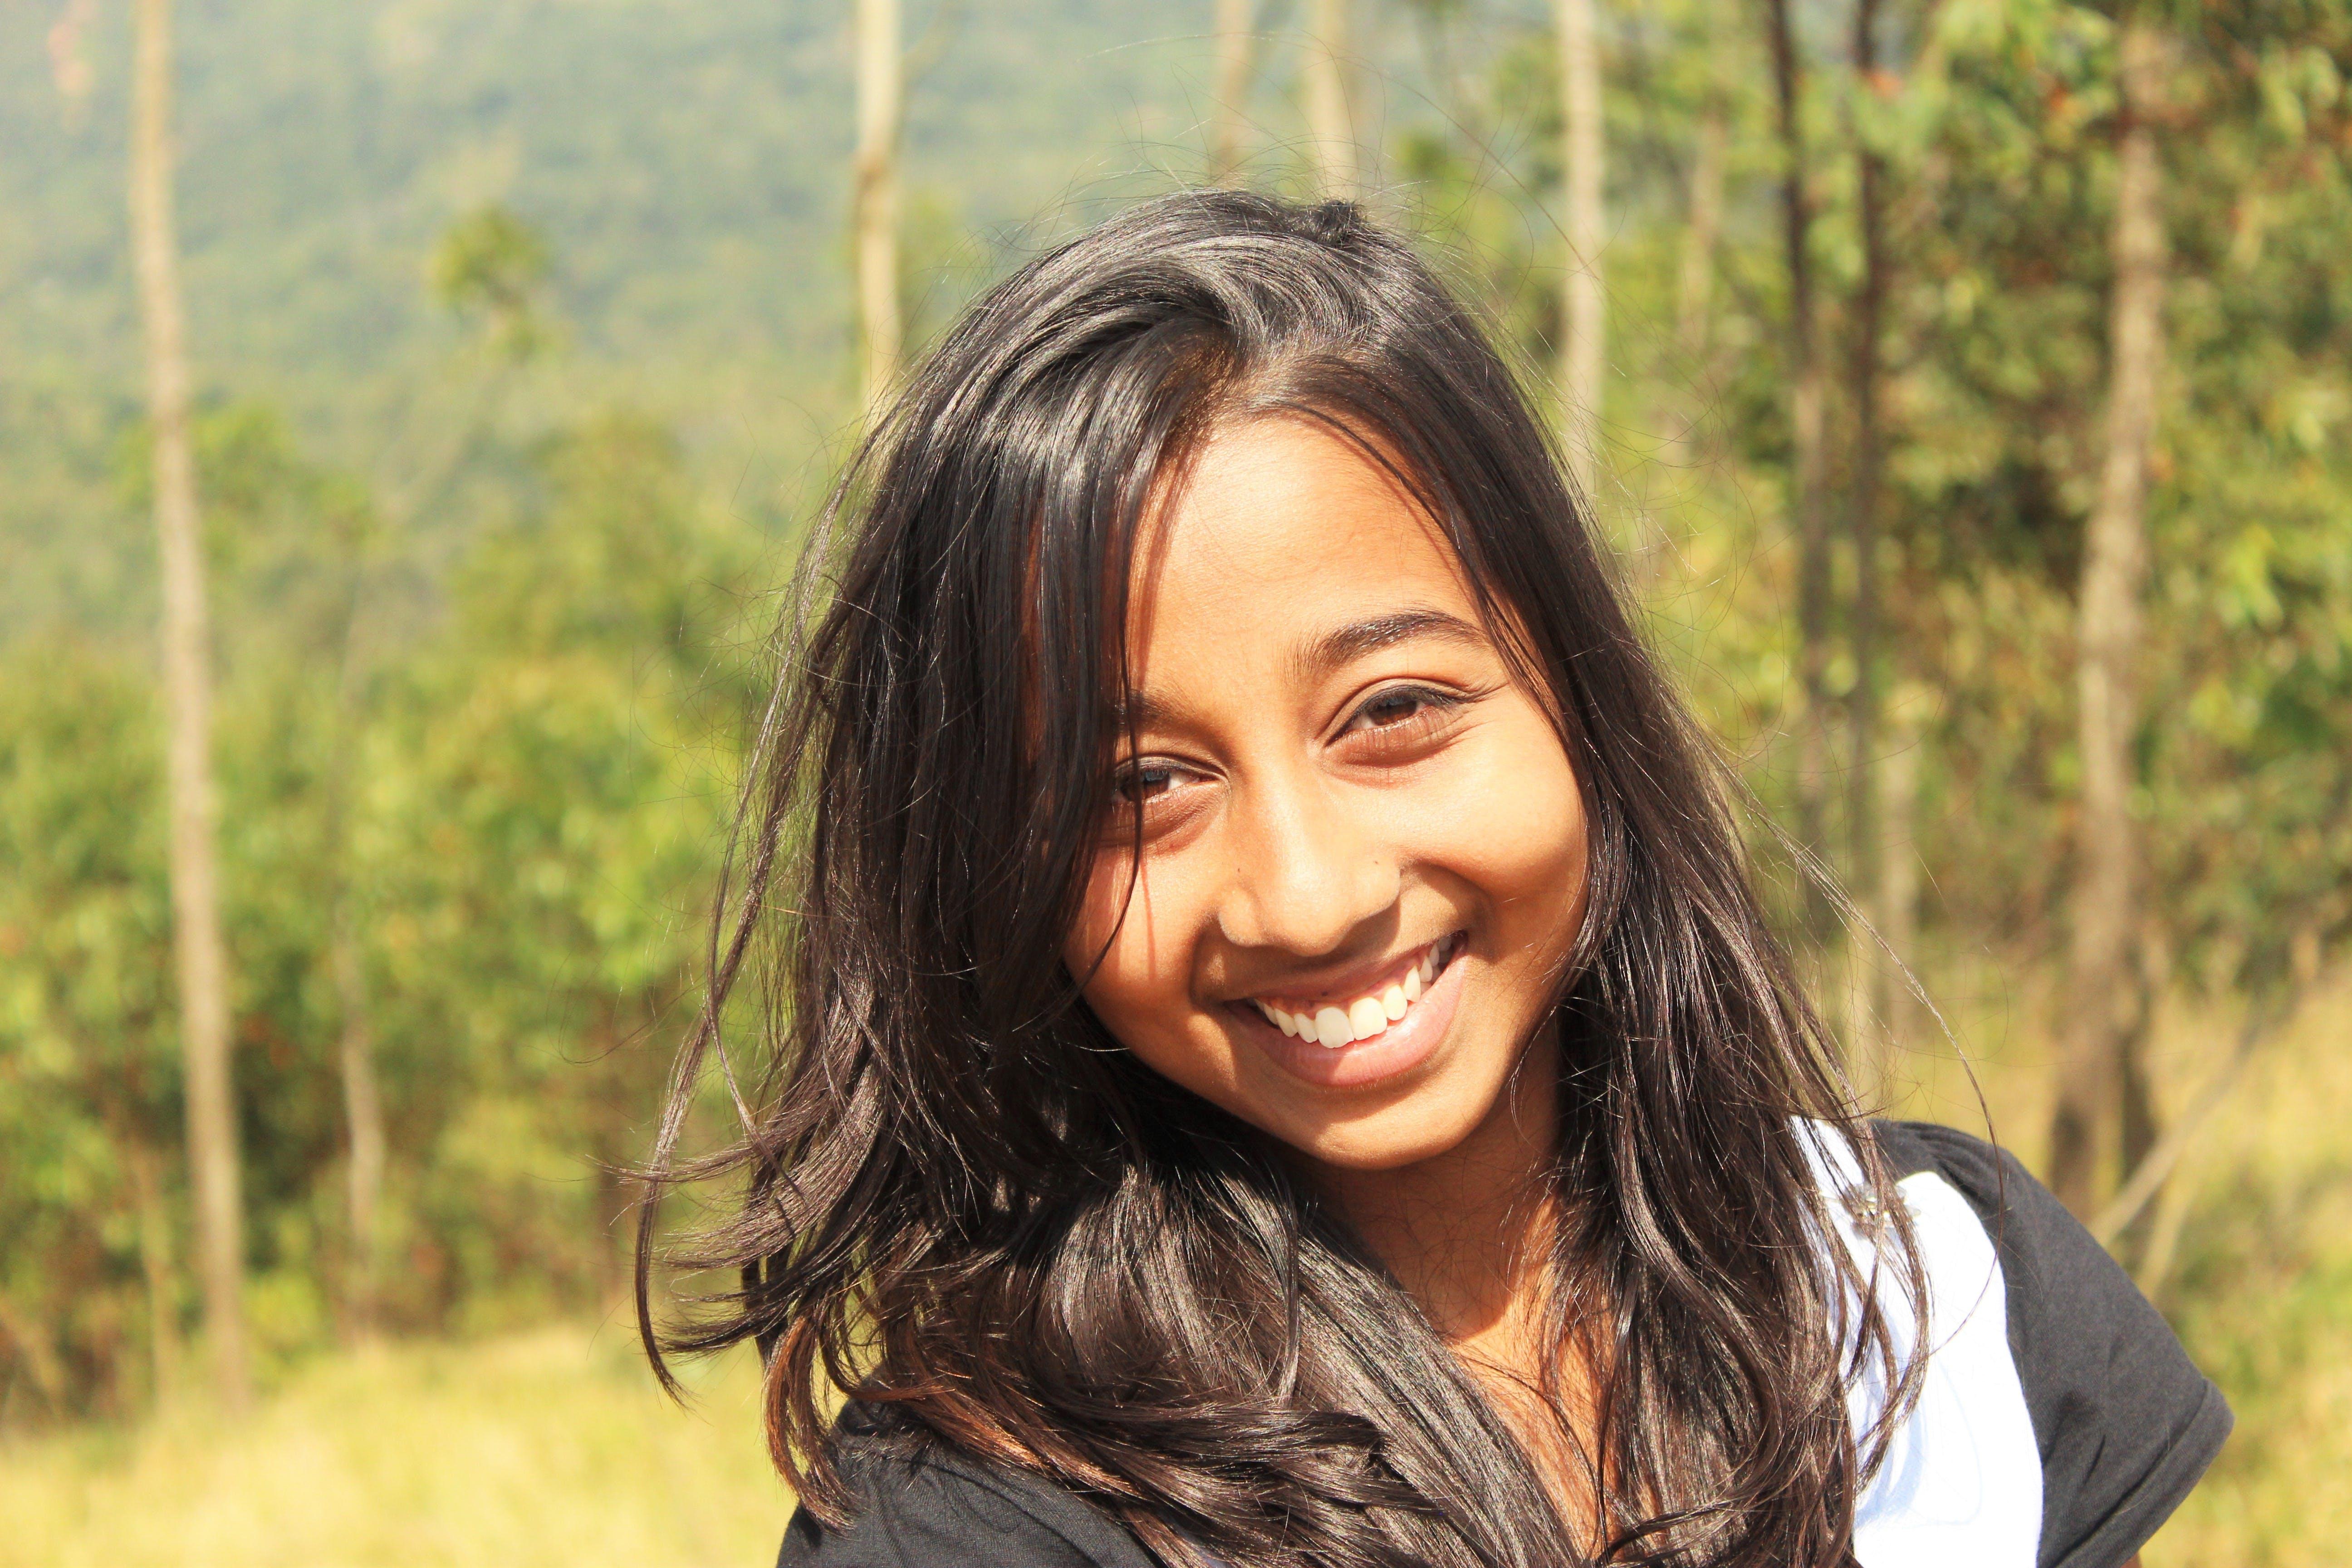 Kostenloses Stock Foto zu abenteuer mädchen, lächeln, lächelndes mädchen, mädchen im grünen hintergrund